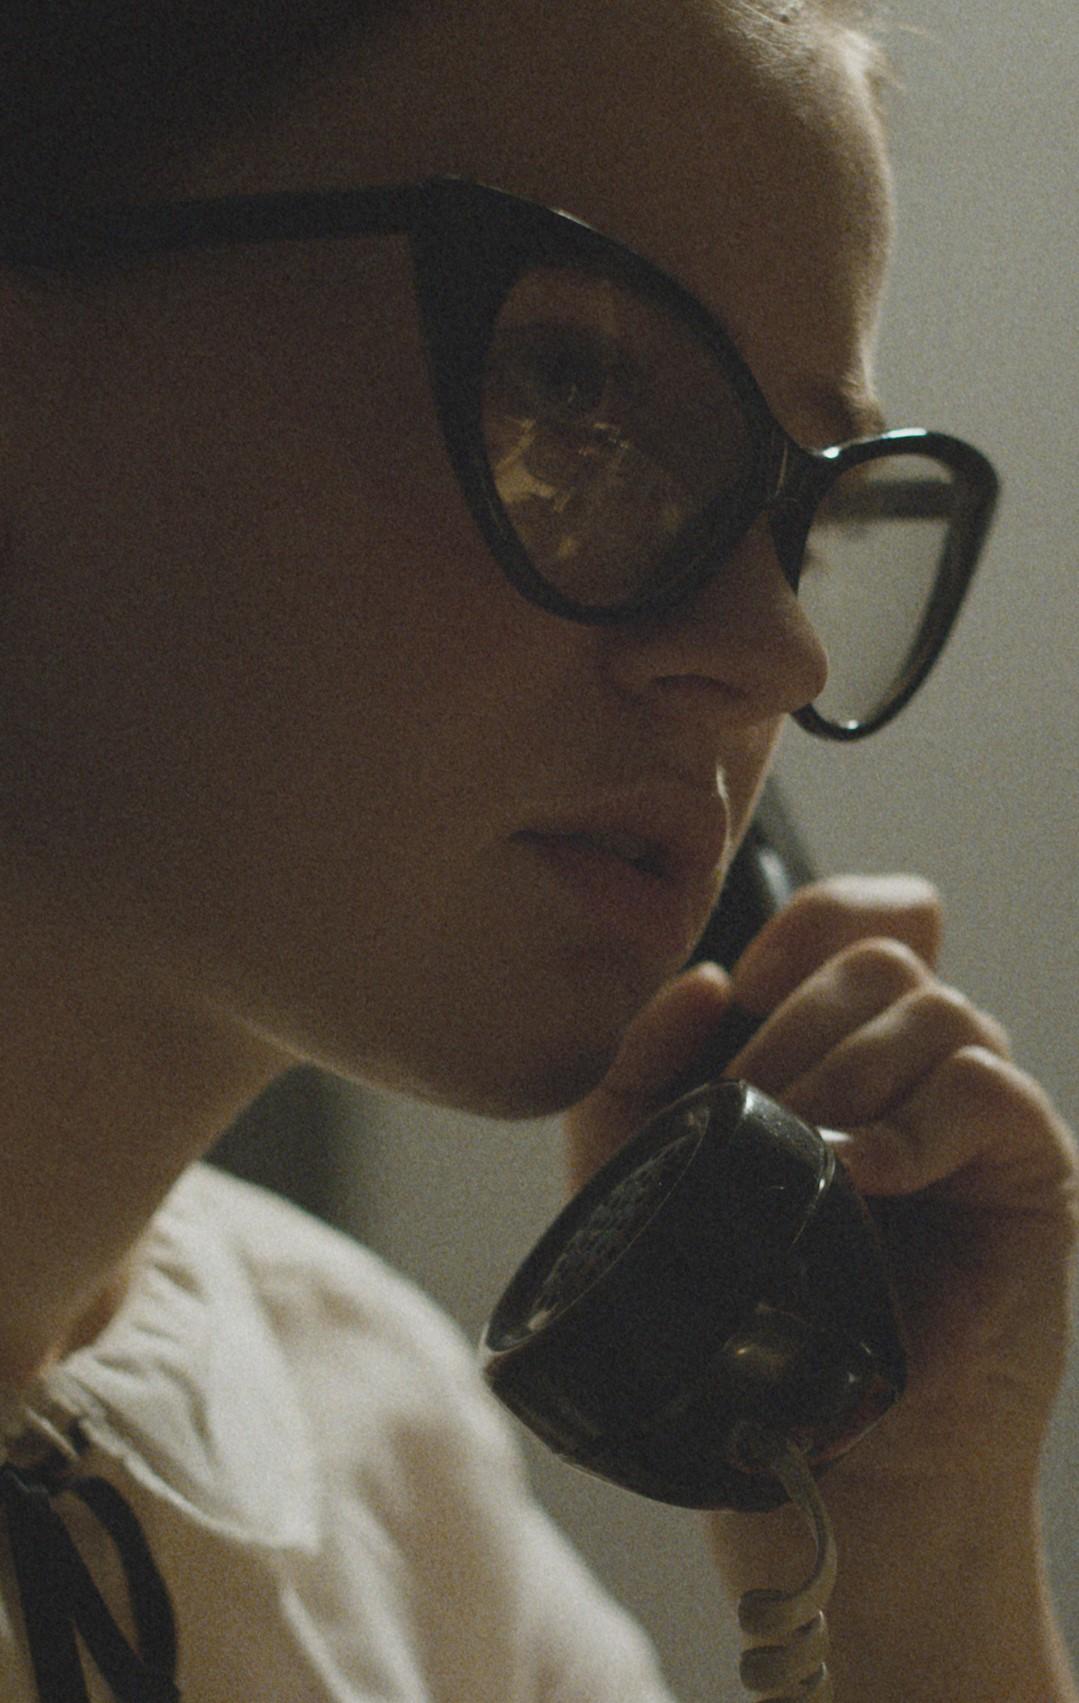 Sierra McCormick in The Vast of Night (2020)